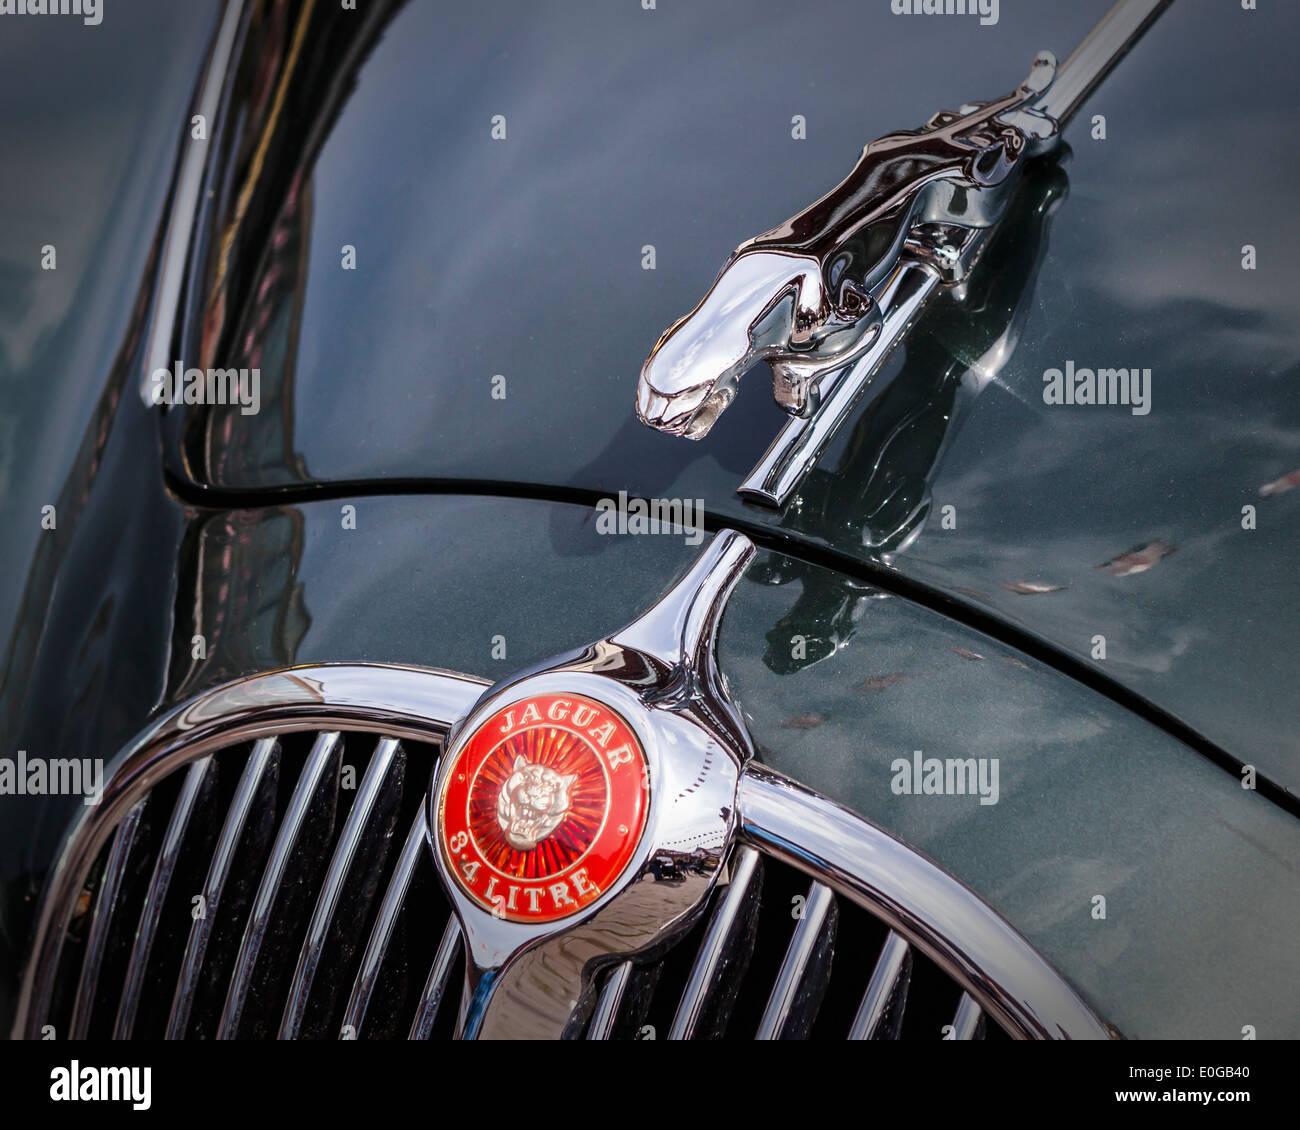 Vintage 3.4 litre Jaguar car detail - badge and chrome hood emblem and grille - Stock Image